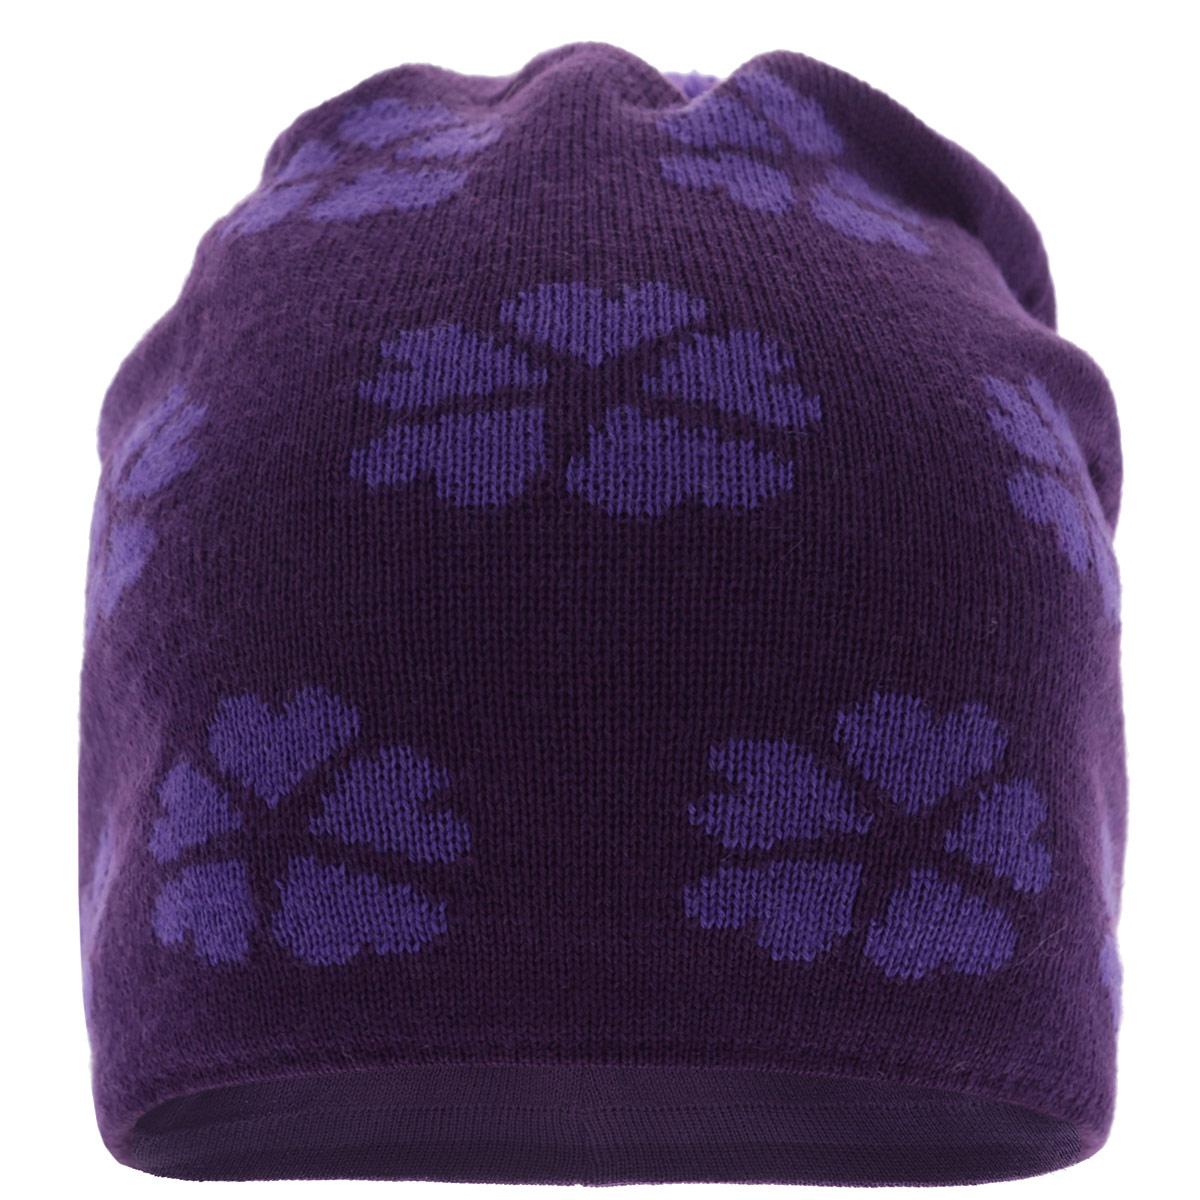 Шапка детская528425-4830Стильная теплая детская шапка Reima Hemlig идеально подойдет для прогулок в холодное время года. Шапочка с ветрозащитными вставками в области ушей, выполненная из натуральной шерстяной пряжи, максимально сохраняет тепло, она мягкая и идеально прилегает к голове. Шерсть хорошо тянется и устойчива к сминанию. Мягкая подкладка выполнена из хлопка, поэтому шапка хорошо сохраняет тепло, позволяет коже дышать и обладает отличной гигроскопичностью. Шапка оформлена стильным цветочным узором и небольшим пушистым помпоном. Такая шапка станет модным и стильным дополнением гардероба вашего малыша. Она поднимет ему настроение даже в самые морозные дни! Уважаемые клиенты! Размер, доступный для заказа, является обхватом головы.